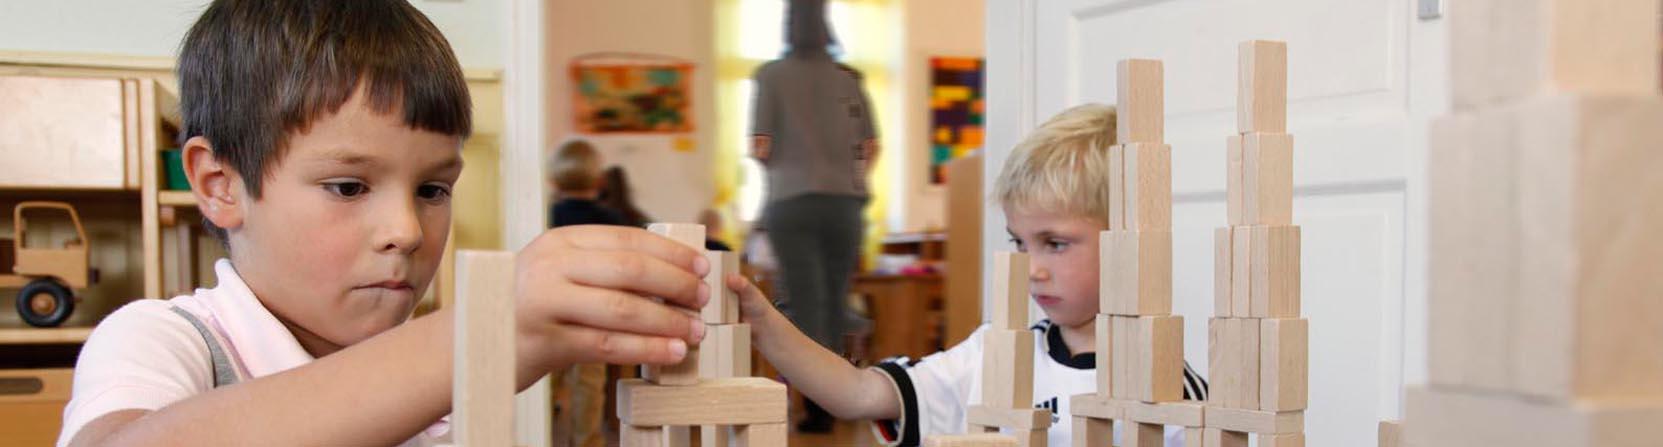 Zwei Jungen vertieft ins Spiel mit Bauklötzen in einem Kindergarten